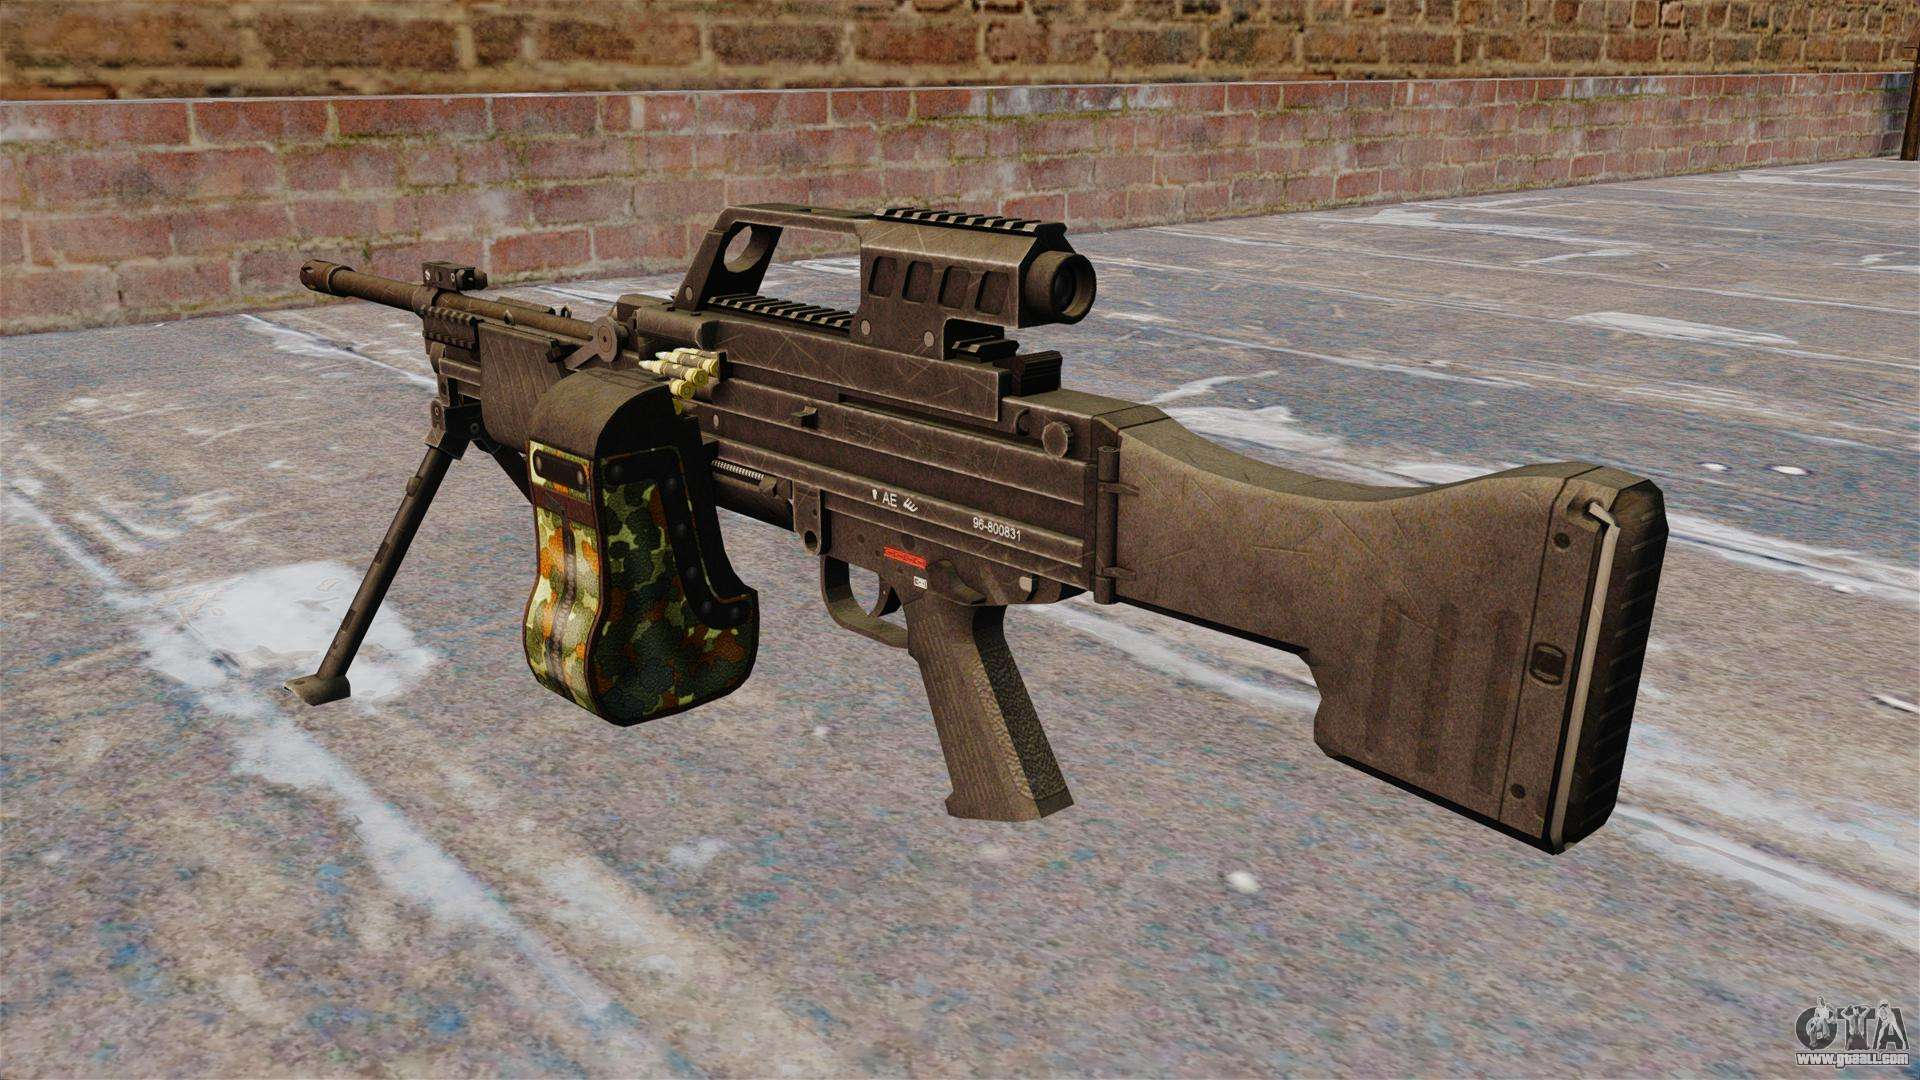 HK MG4 light machine gun